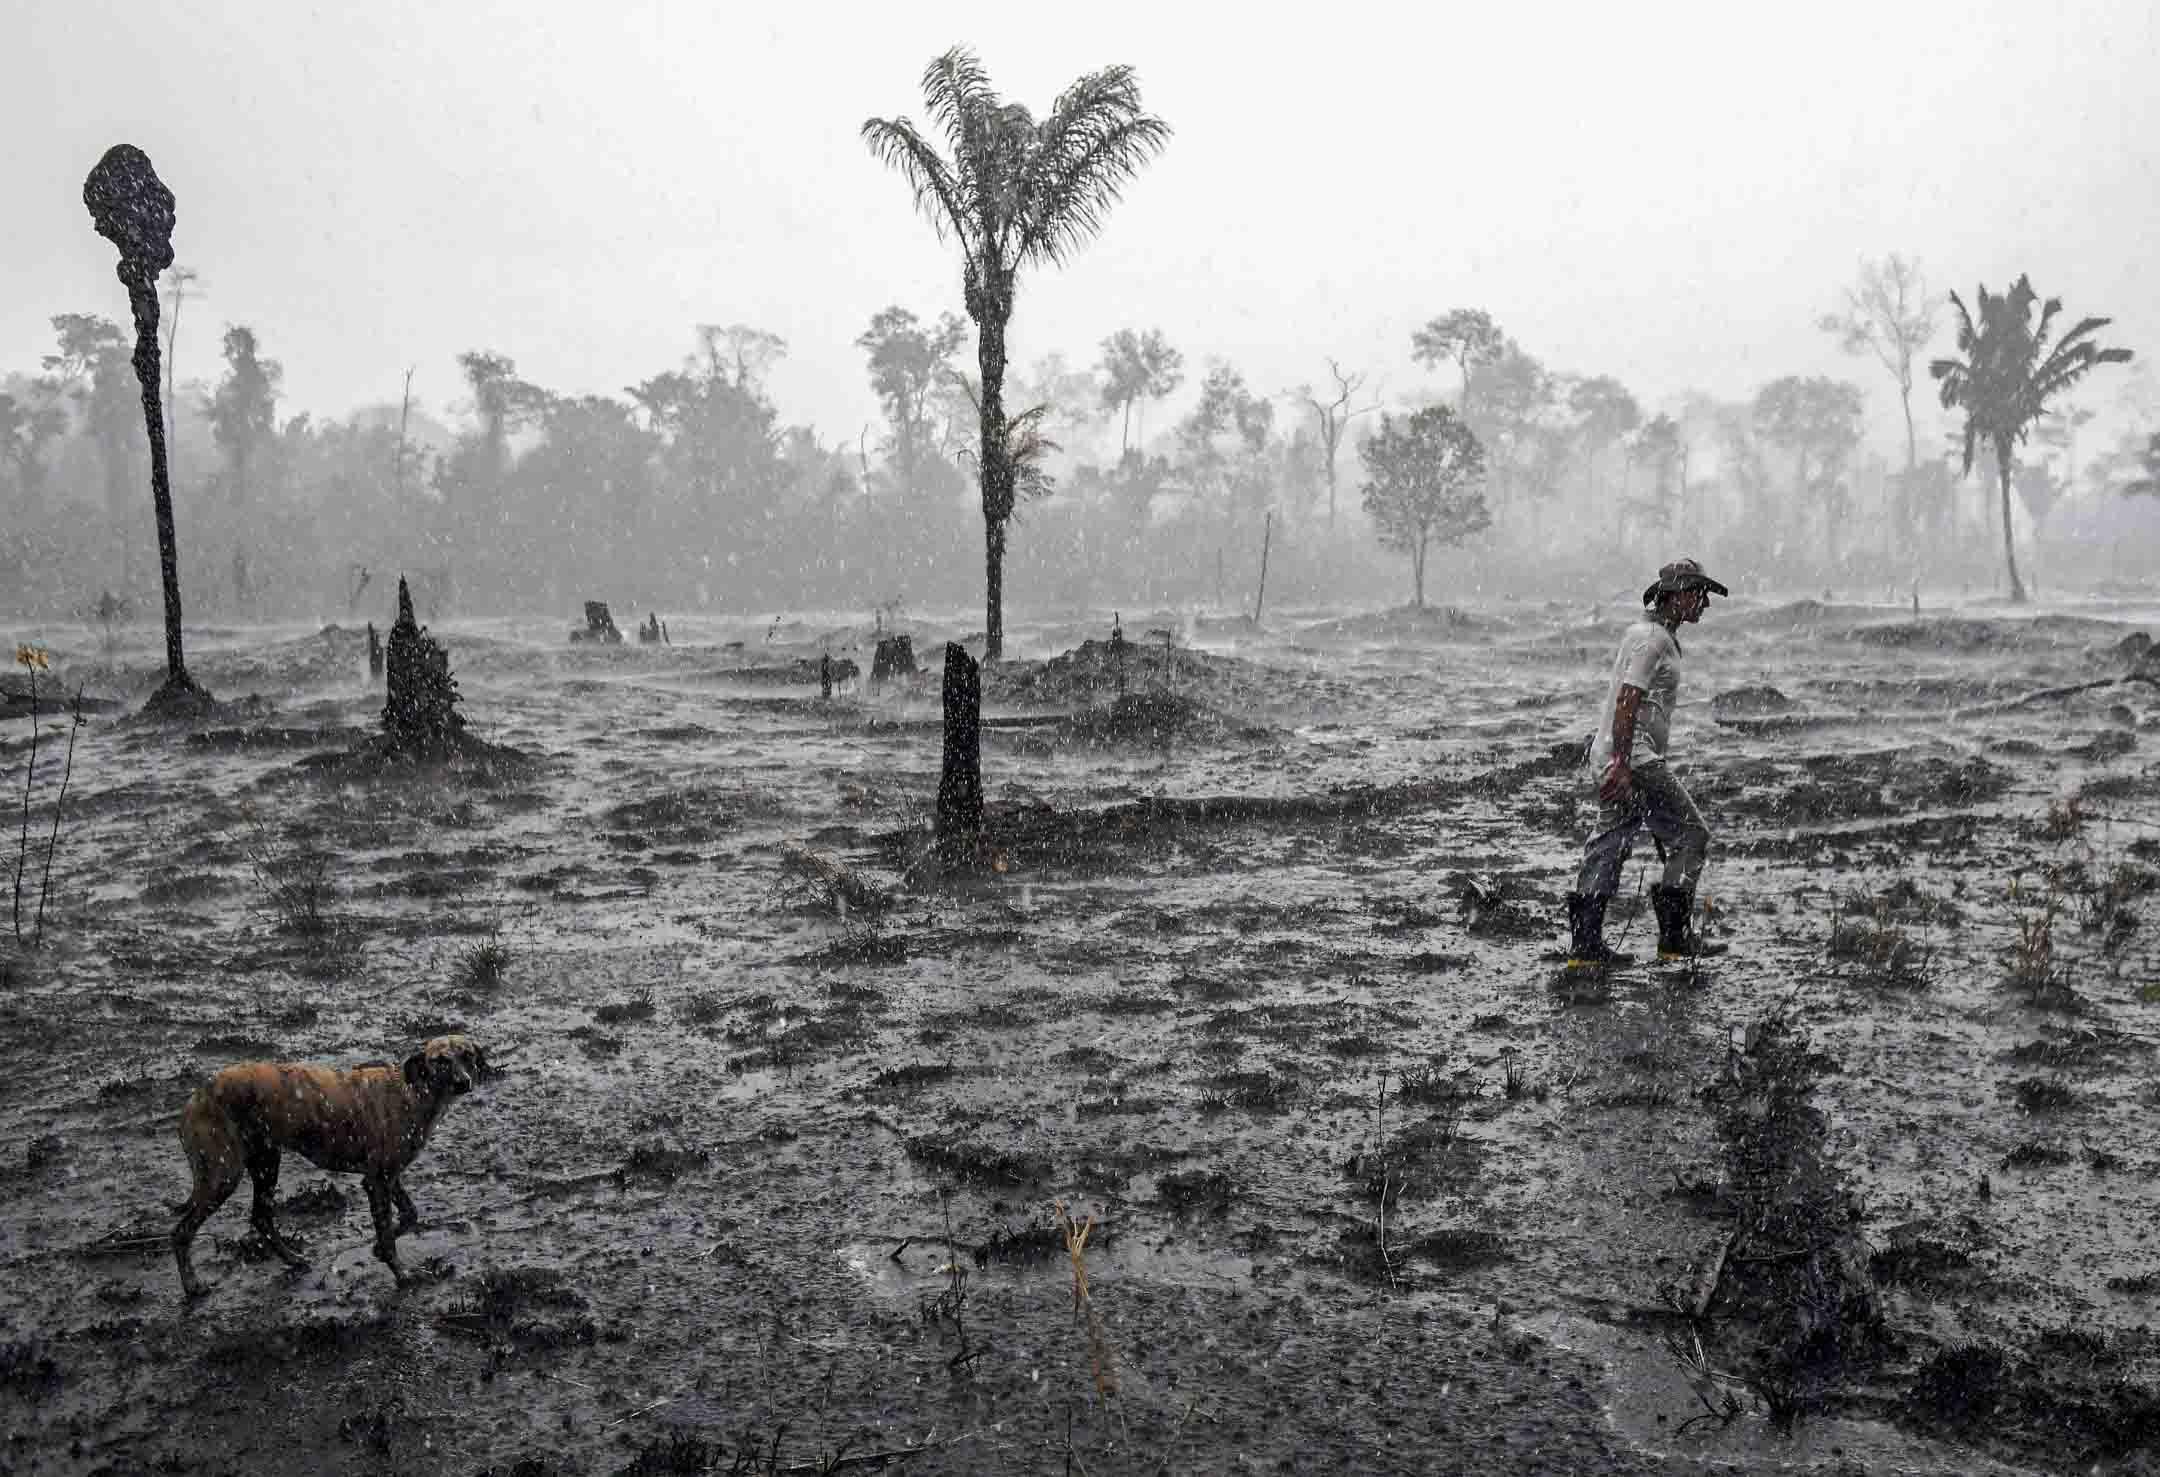 2019年8月26日,一名巴西農民和一隻狗在亞馬遜雨林的一個被燒毀的地區散步。 攝:Carl De Souza/AFP/Getty Images